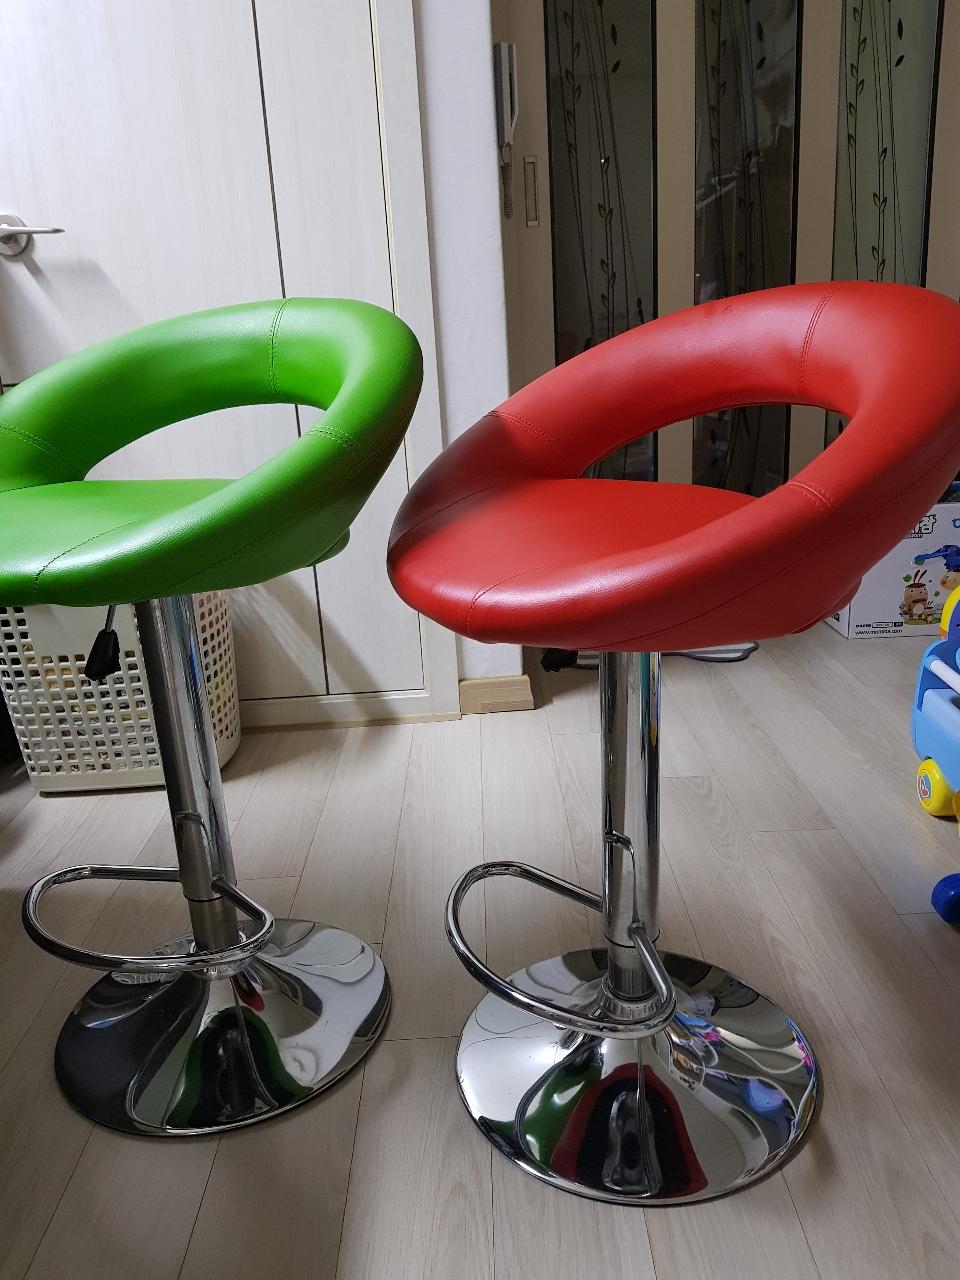 바의자 회전의자 인테리어의자 팔아요.